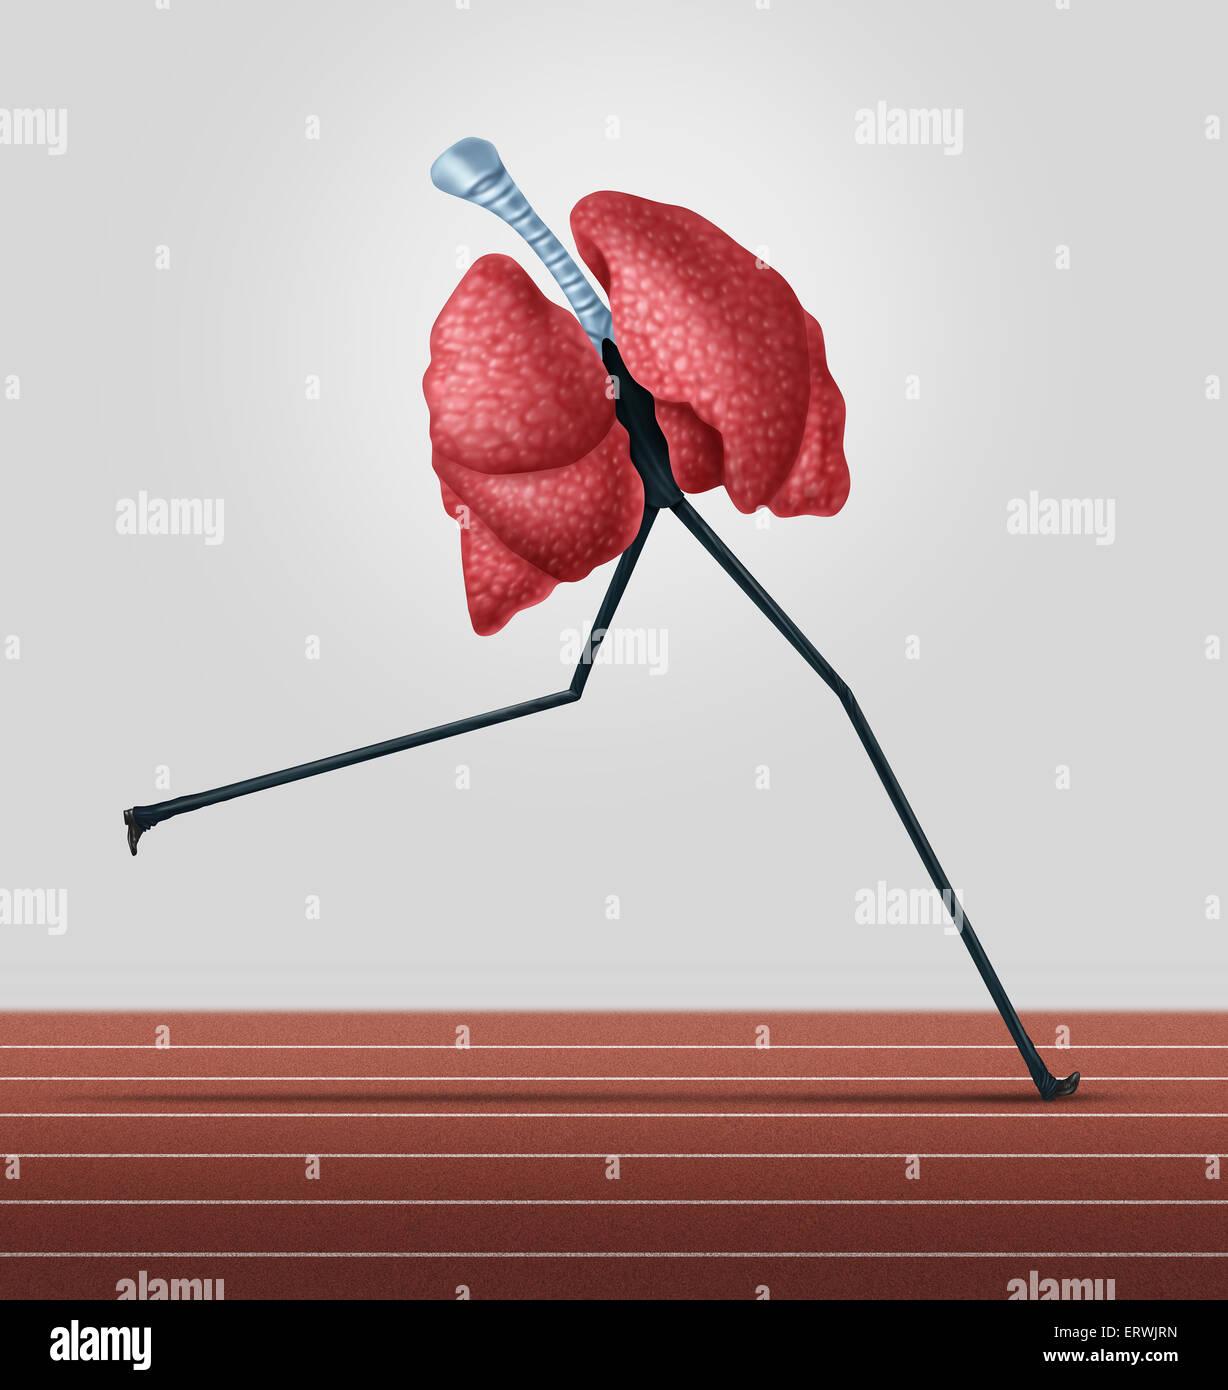 Herz-Kreislauf-Übung und körperliche Fitness-Konzept als menschliche Lunge mit Beinen laufen auf einer Stockbild